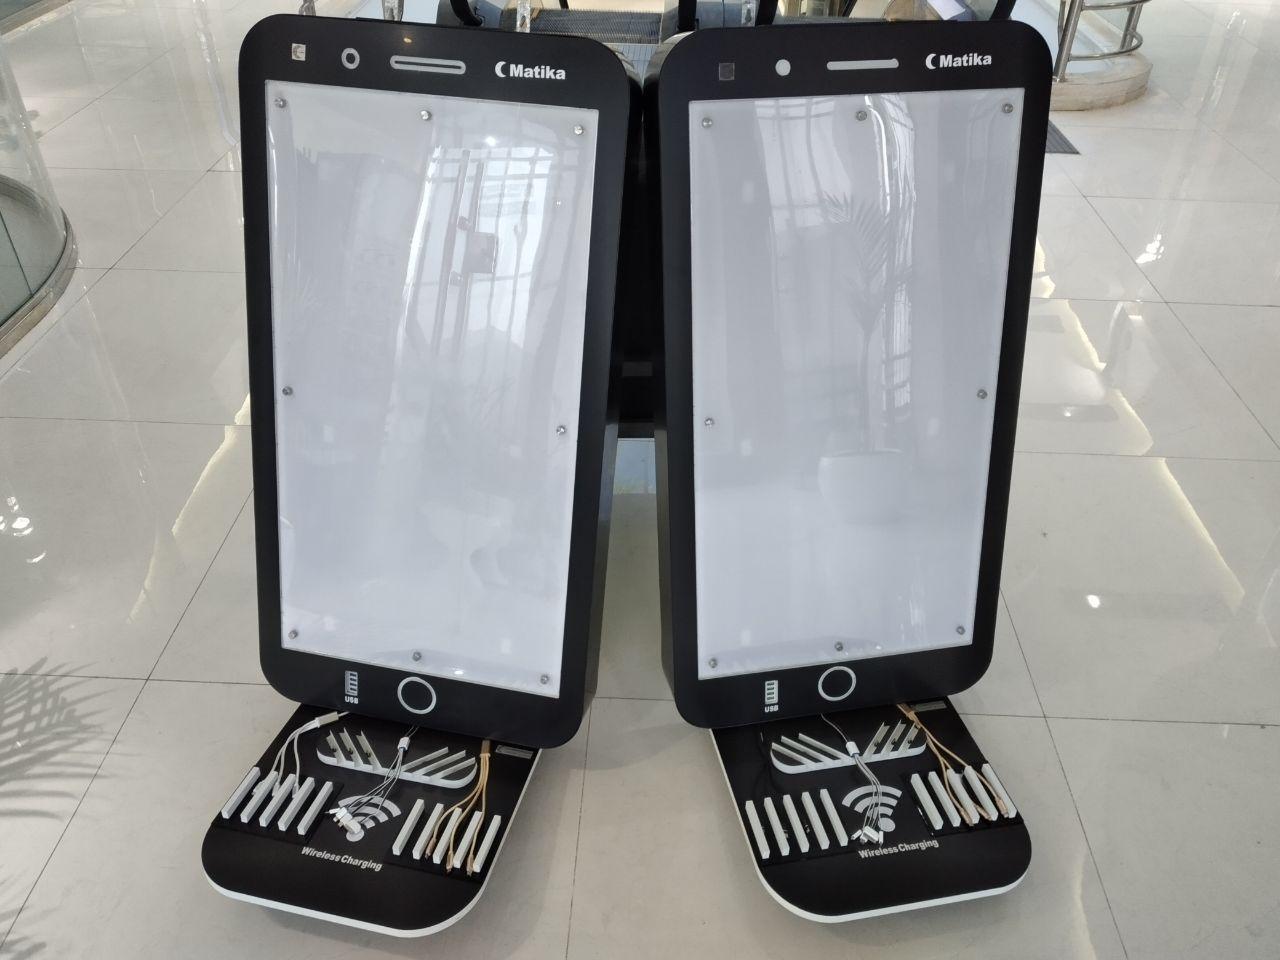 ایستگاه شارژ موبایل مدل MOI مدل موبایلی داخلی، دستگاهی است که برای رفاه بیشتر شهروندان ساخته شده است و هنگامی که شهروندان در مکانهای عمومی مسقف ادارات، سازمانها، فرودگاهها، هتل ها، رستوران ها، ایستگاهها و .. با اتمام شارژ موبایل و تبلت مواجه می گردند می توانند از این دستگاه استفاده نمایند، این ایستگاه شارژ دارای 20 خروجی(به صورت خروجی USB ، سیم های فست سه تایی(تایپسی، اپل . اندروید)، شارژر وایرلس و سوکتهای سه تایی باسیم توکار) جهت قرار گرفتن موبایل می باشد و همگی از نوع فست شارژ می باشند فضای لایت باکس بالای  آن می تواند جهت تبلیغات، اطلاع رسانی و برندینگ مورد استفاده قرار گیرد قابل توجه است که این دستگاه تنها قابلیت قرارگیری در فضای مسقف را دارد و به عنوان تابلو اعلانات و اطلاع رسانی کاربردهای مناسبی خواهد داشت.